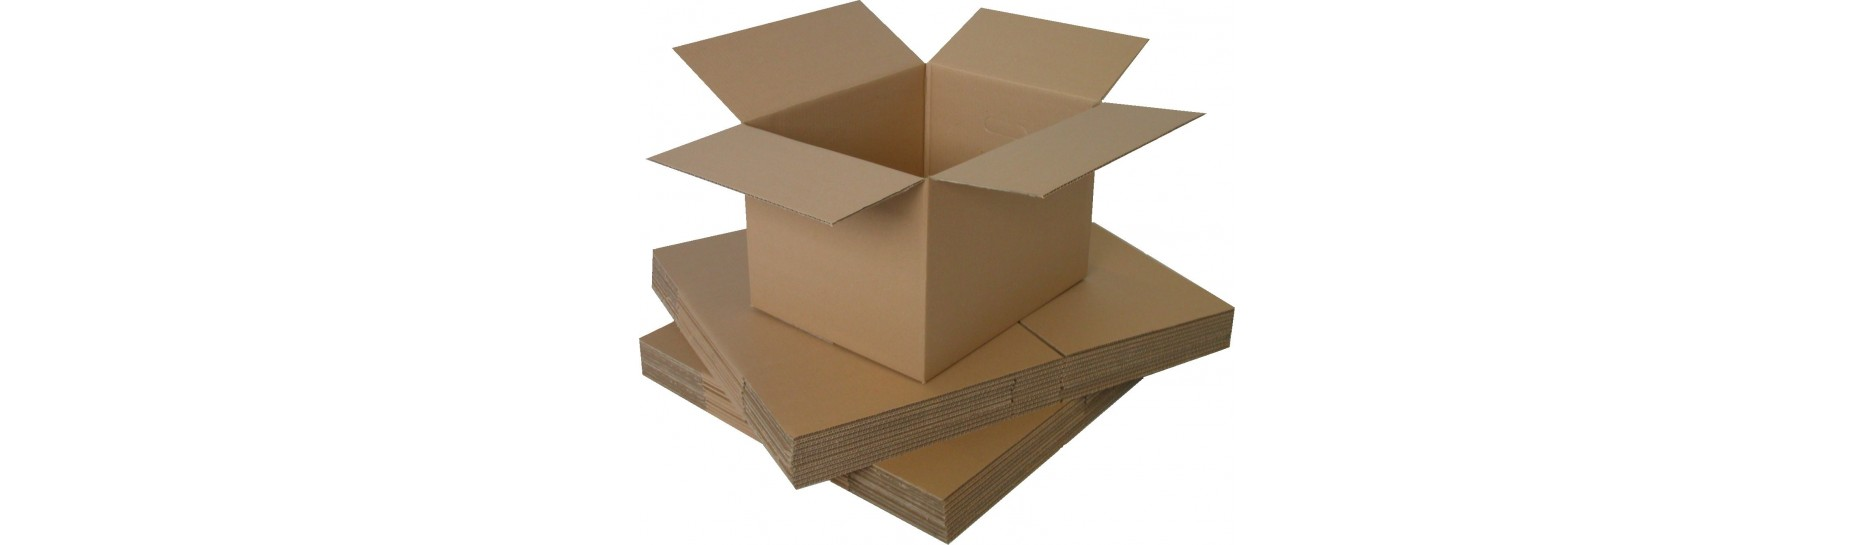 Klopové krabice - třívrstvá lepenka